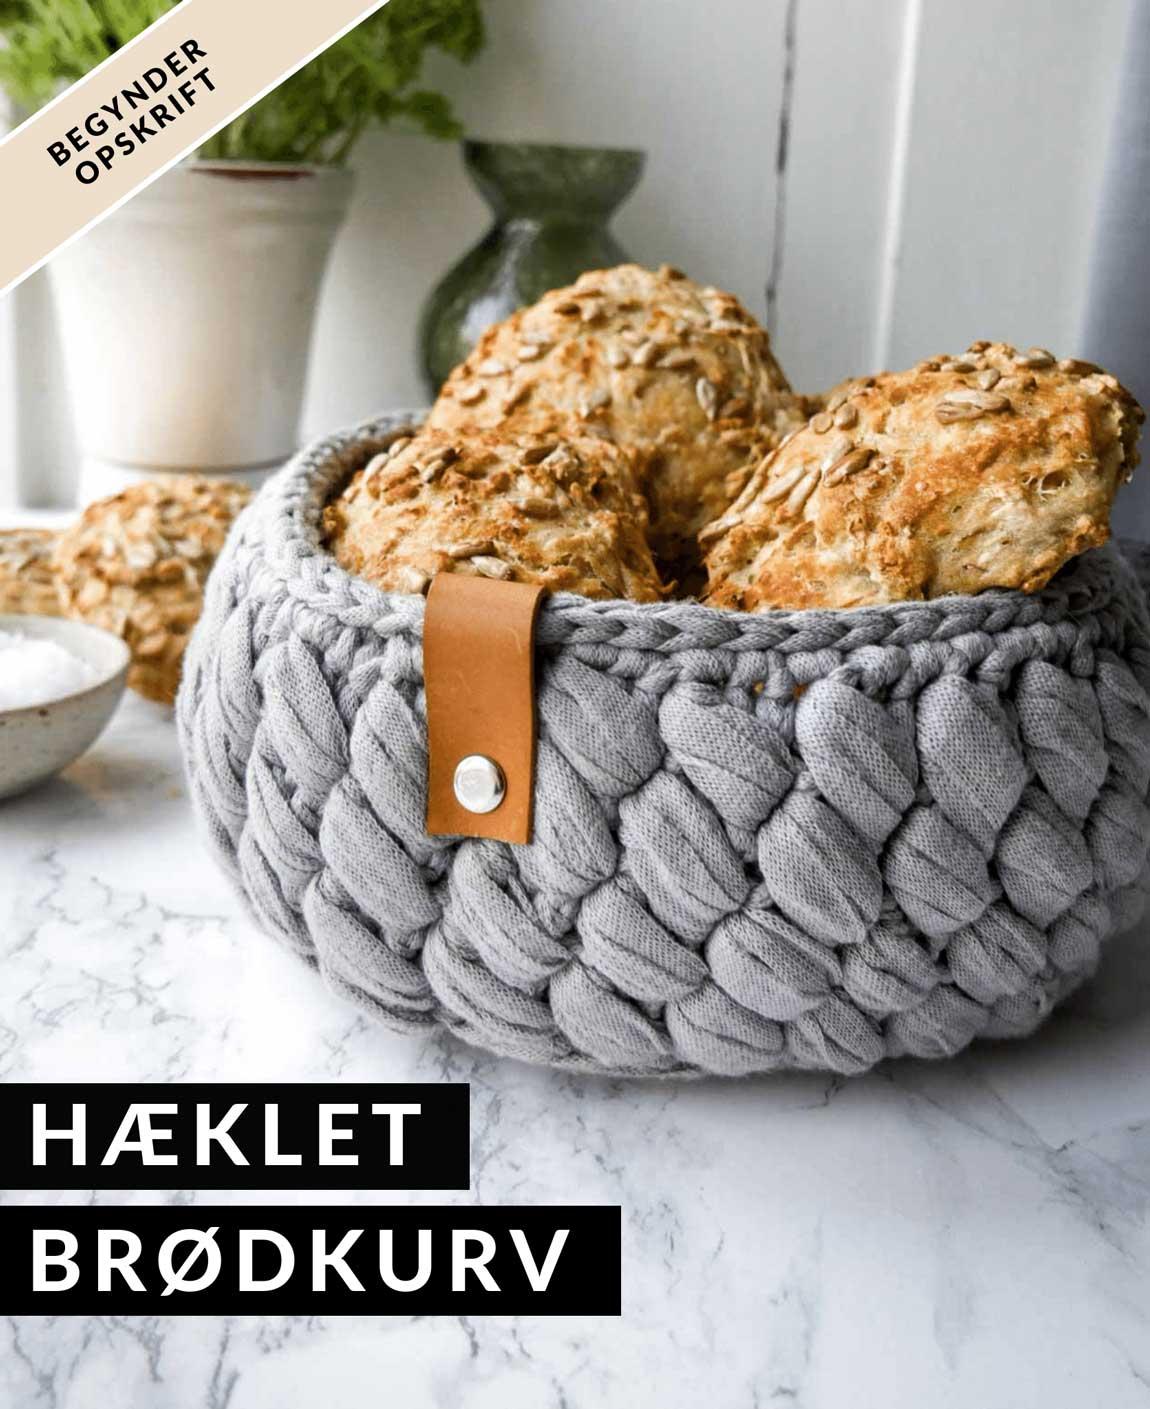 hæklet brødkurv gratis opskrift på hjemmelavet kurv